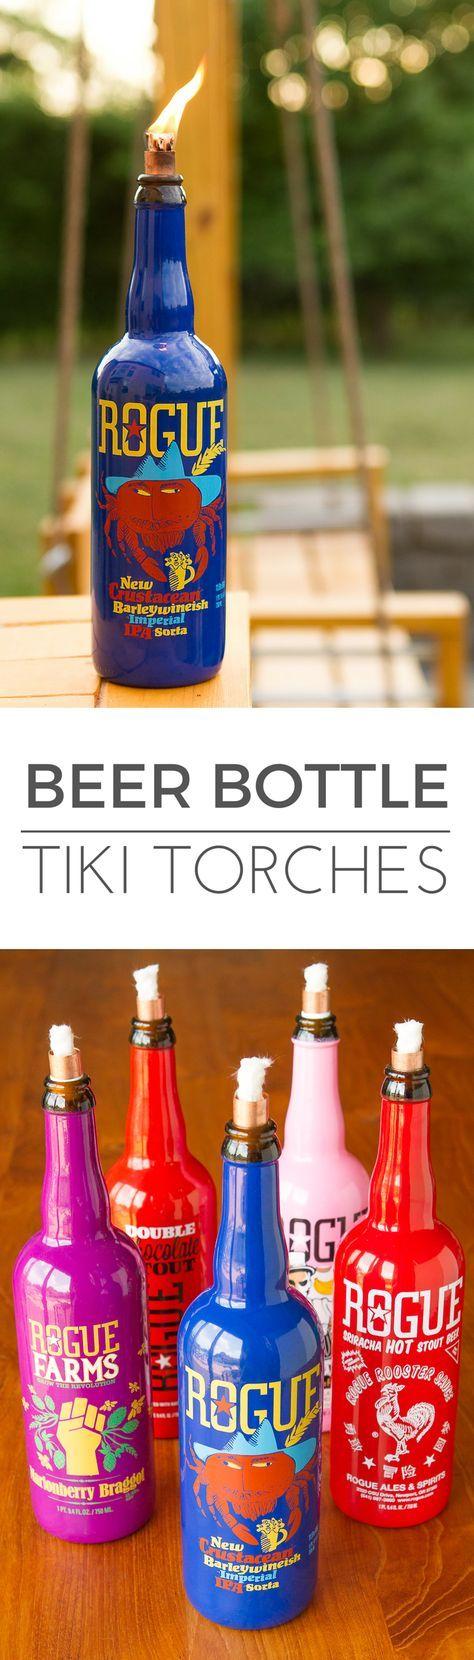 28 best diy bottle art images on pinterest jars craft for Diy beer bottle tiki torches